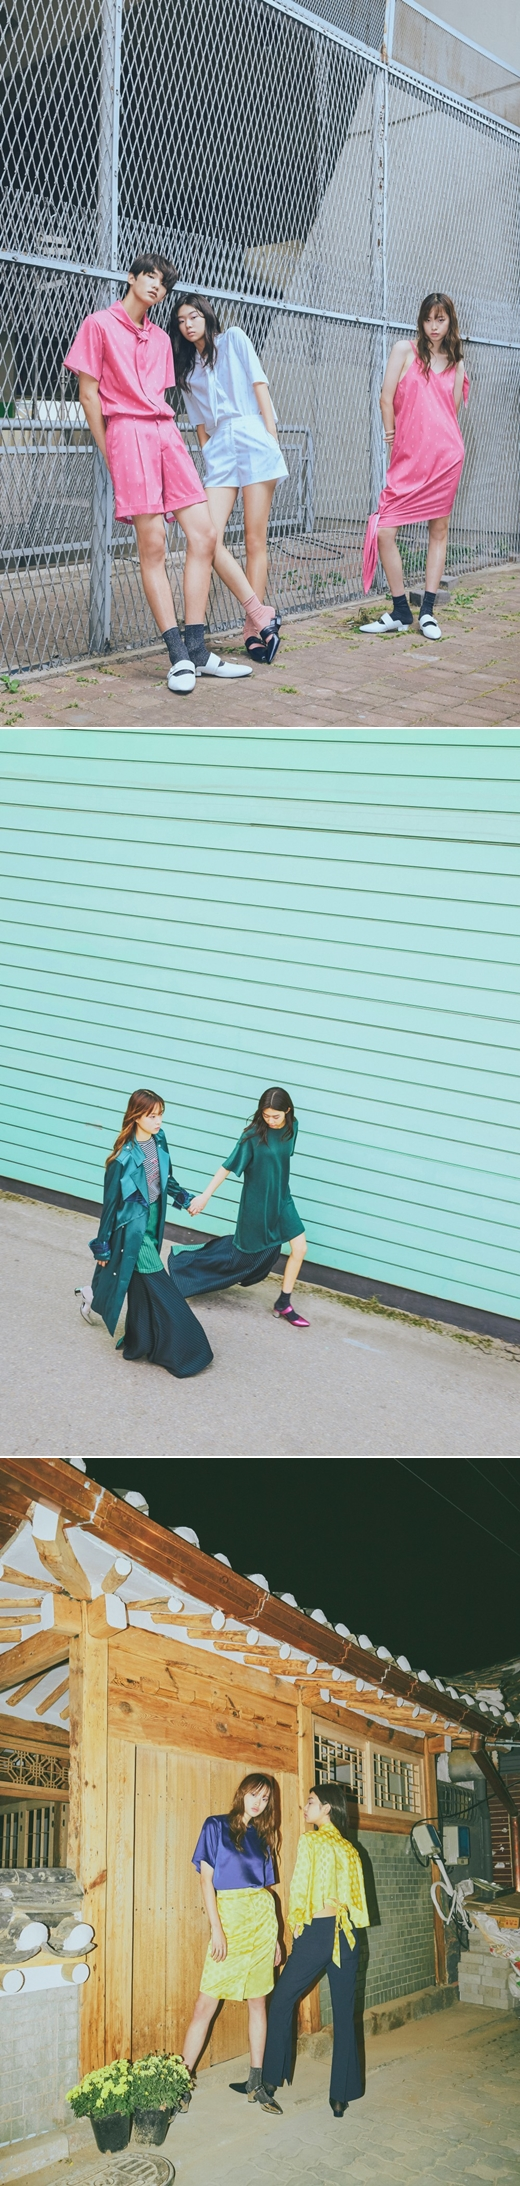 더스튜디오케이 17S/S 컬렉션 공개, 테마는 'SWITCH ON'